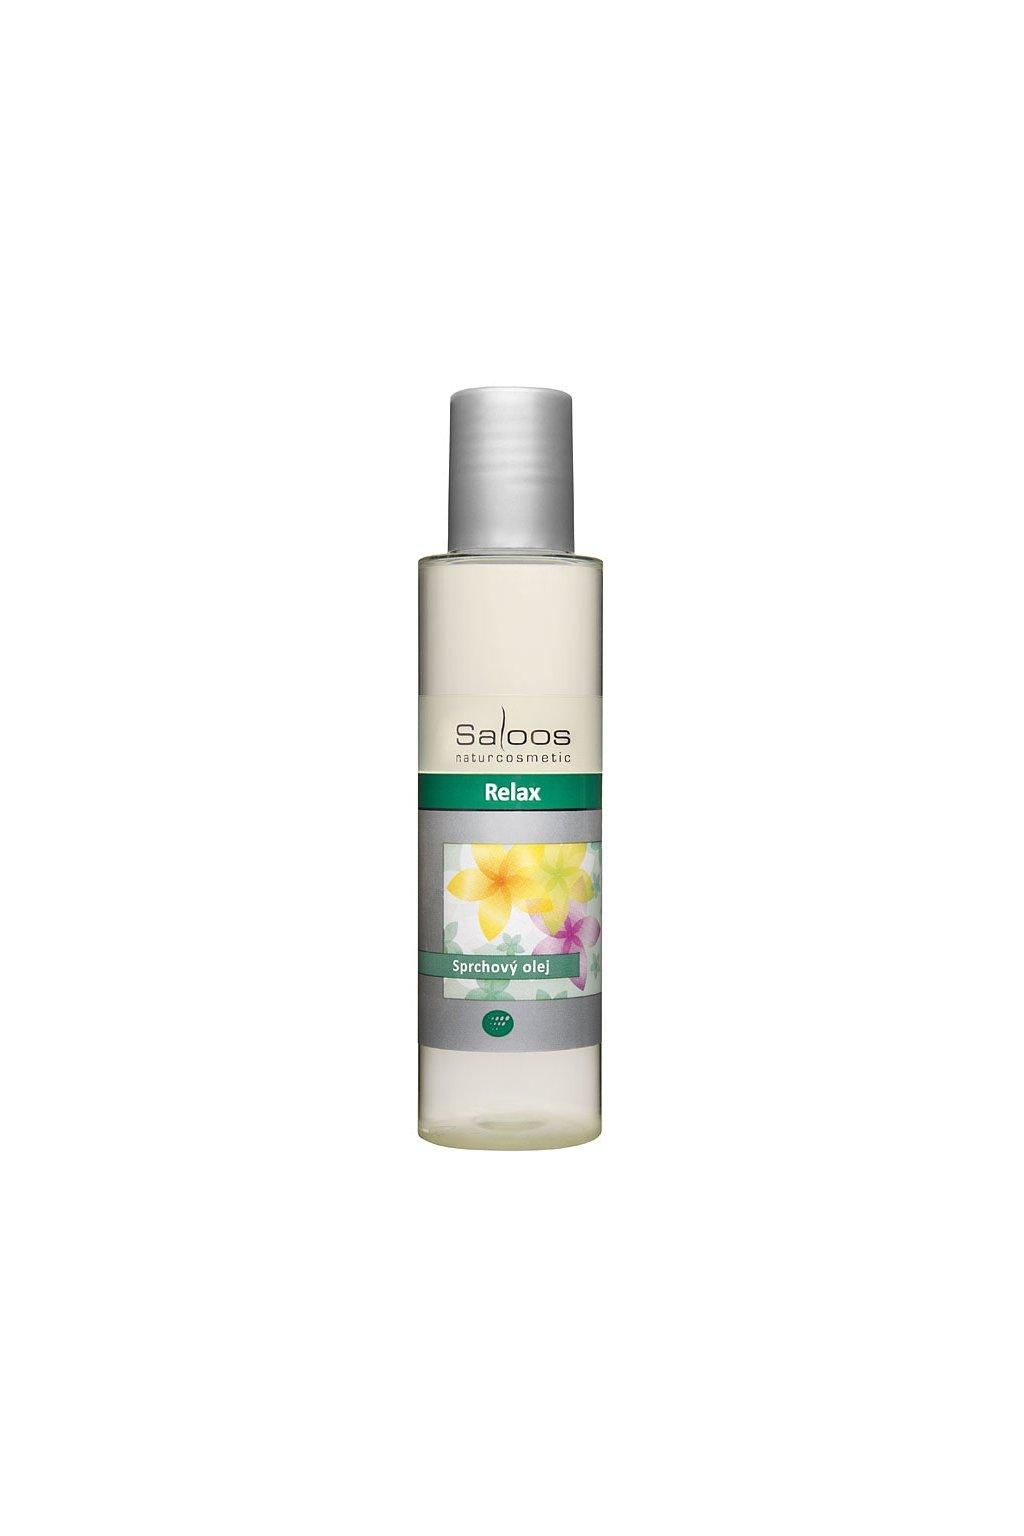 Saloos Relax sprchový olej (varianta 250ml)